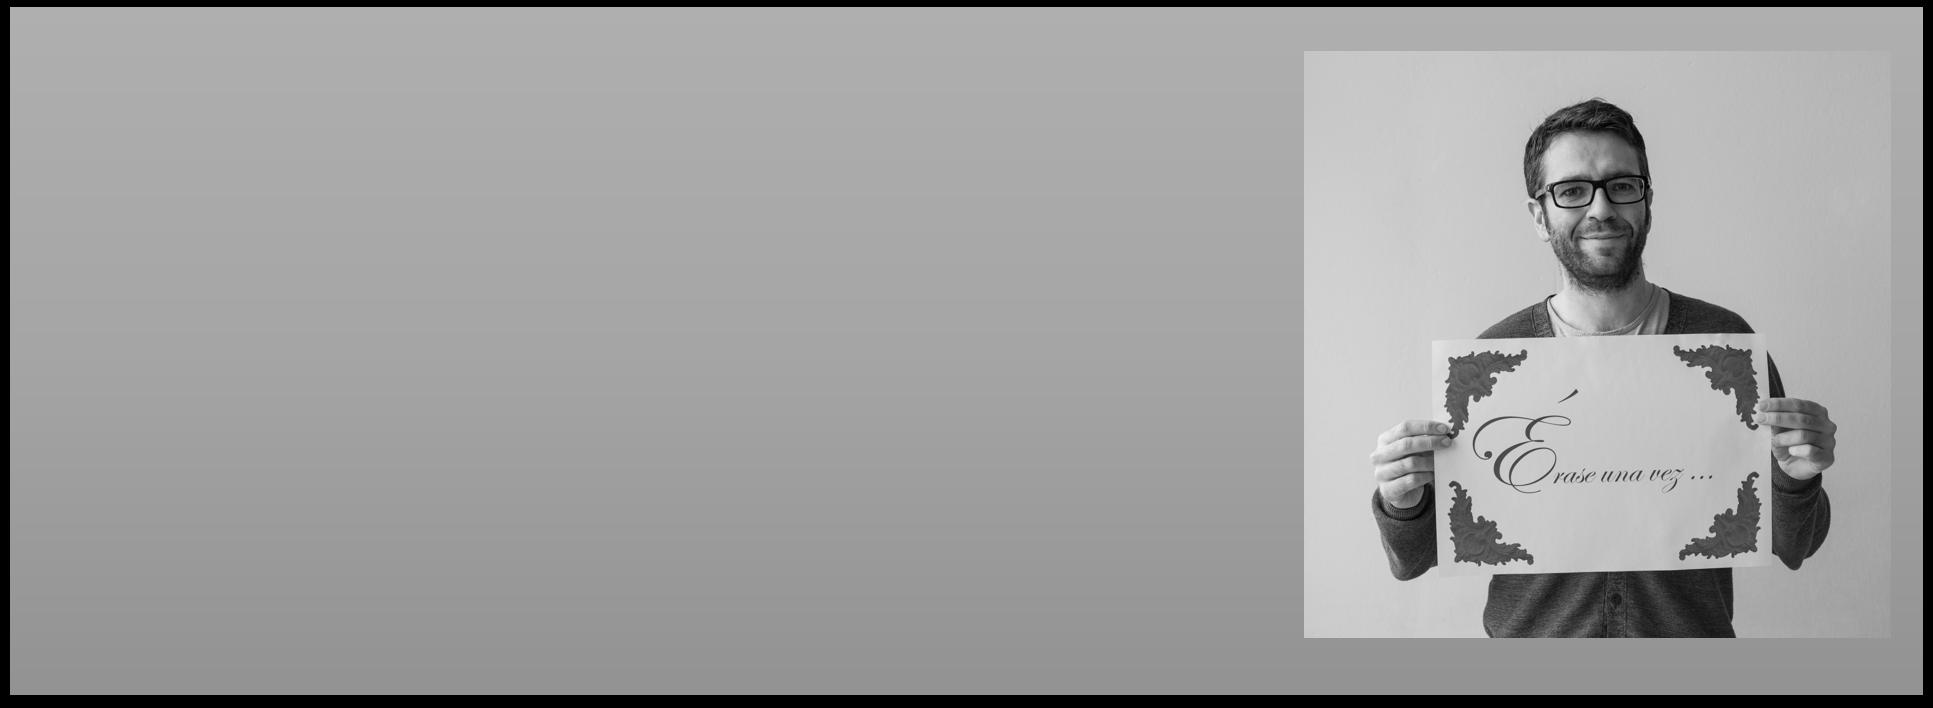 Ivan banner